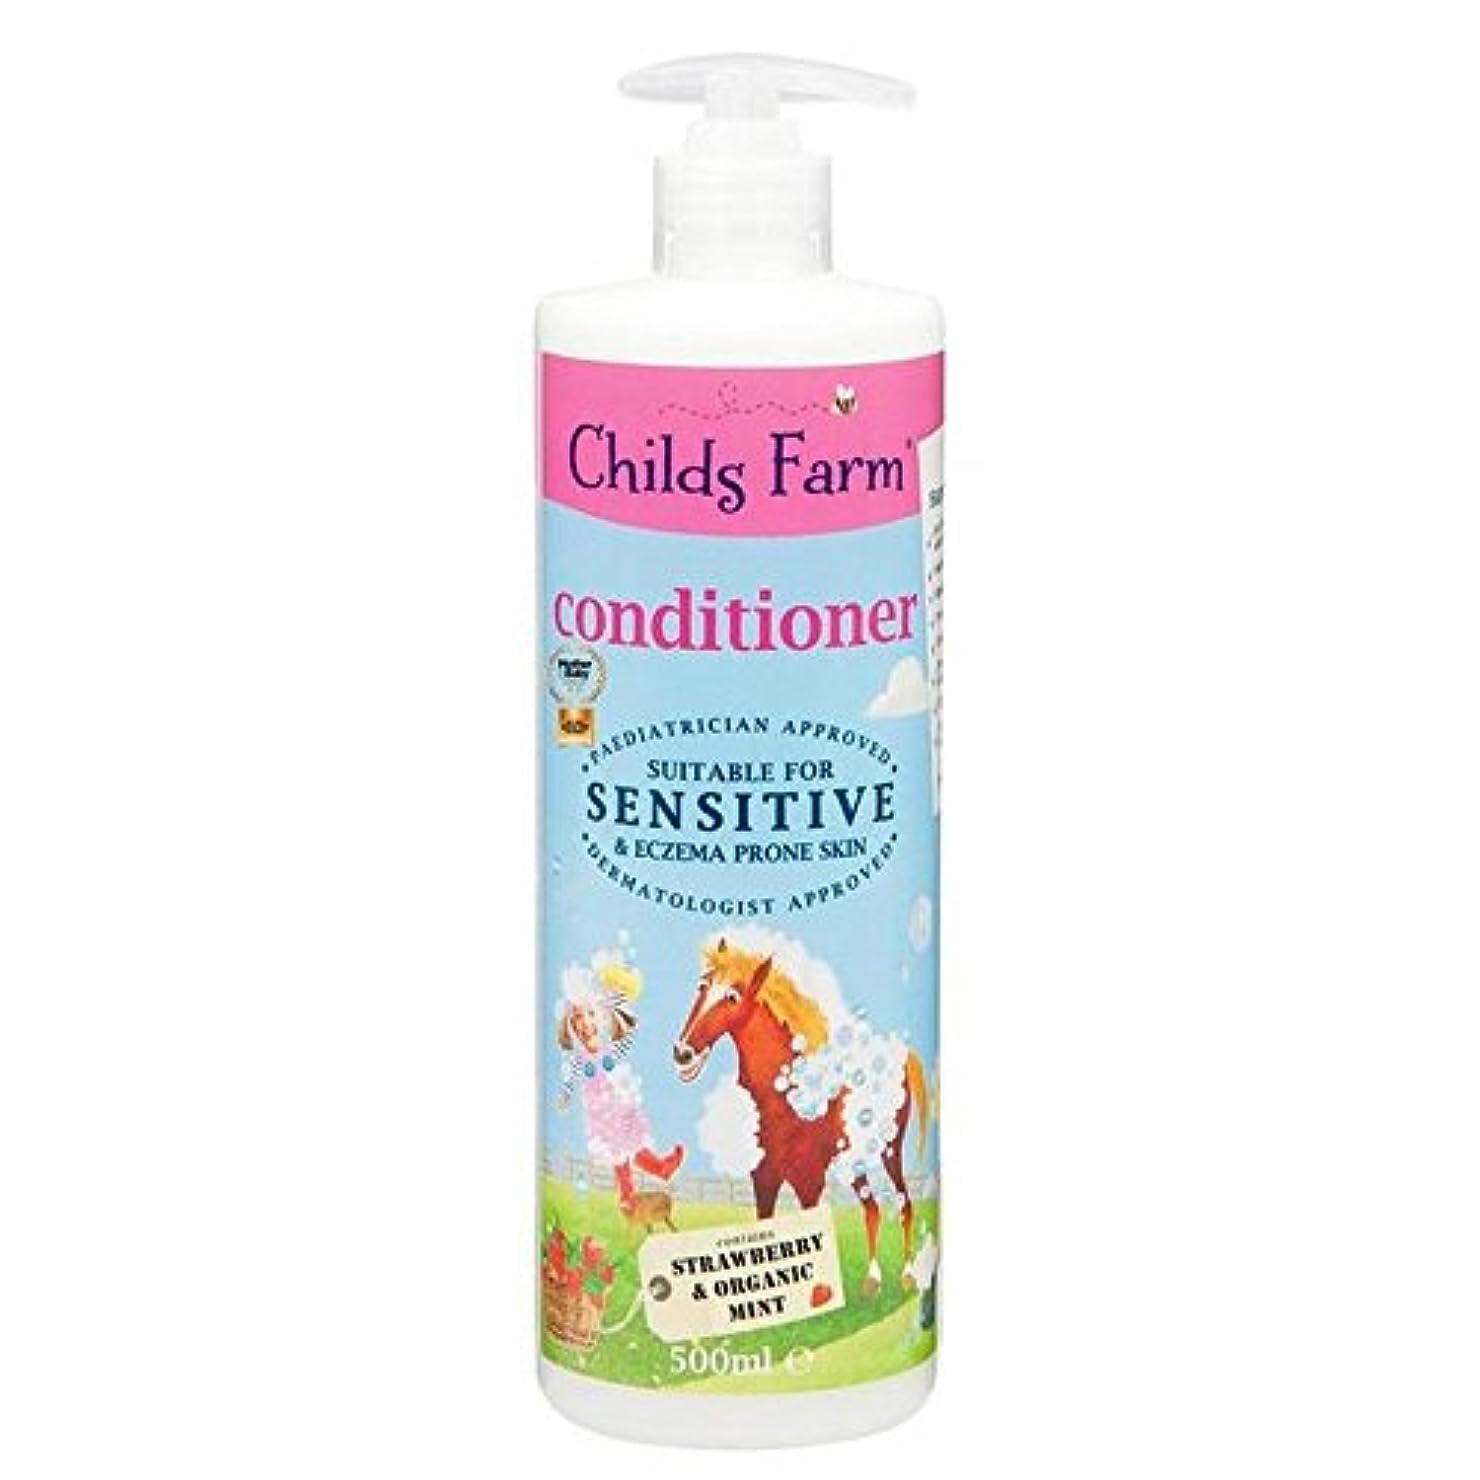 バンカーテンション一回Childs Farm Conditioner for Unruly Hair 500ml (Pack of 6) - 手に負えない髪の500ミリリットルのためのチャイルズファームコンディショナー x6 [並行輸入品]